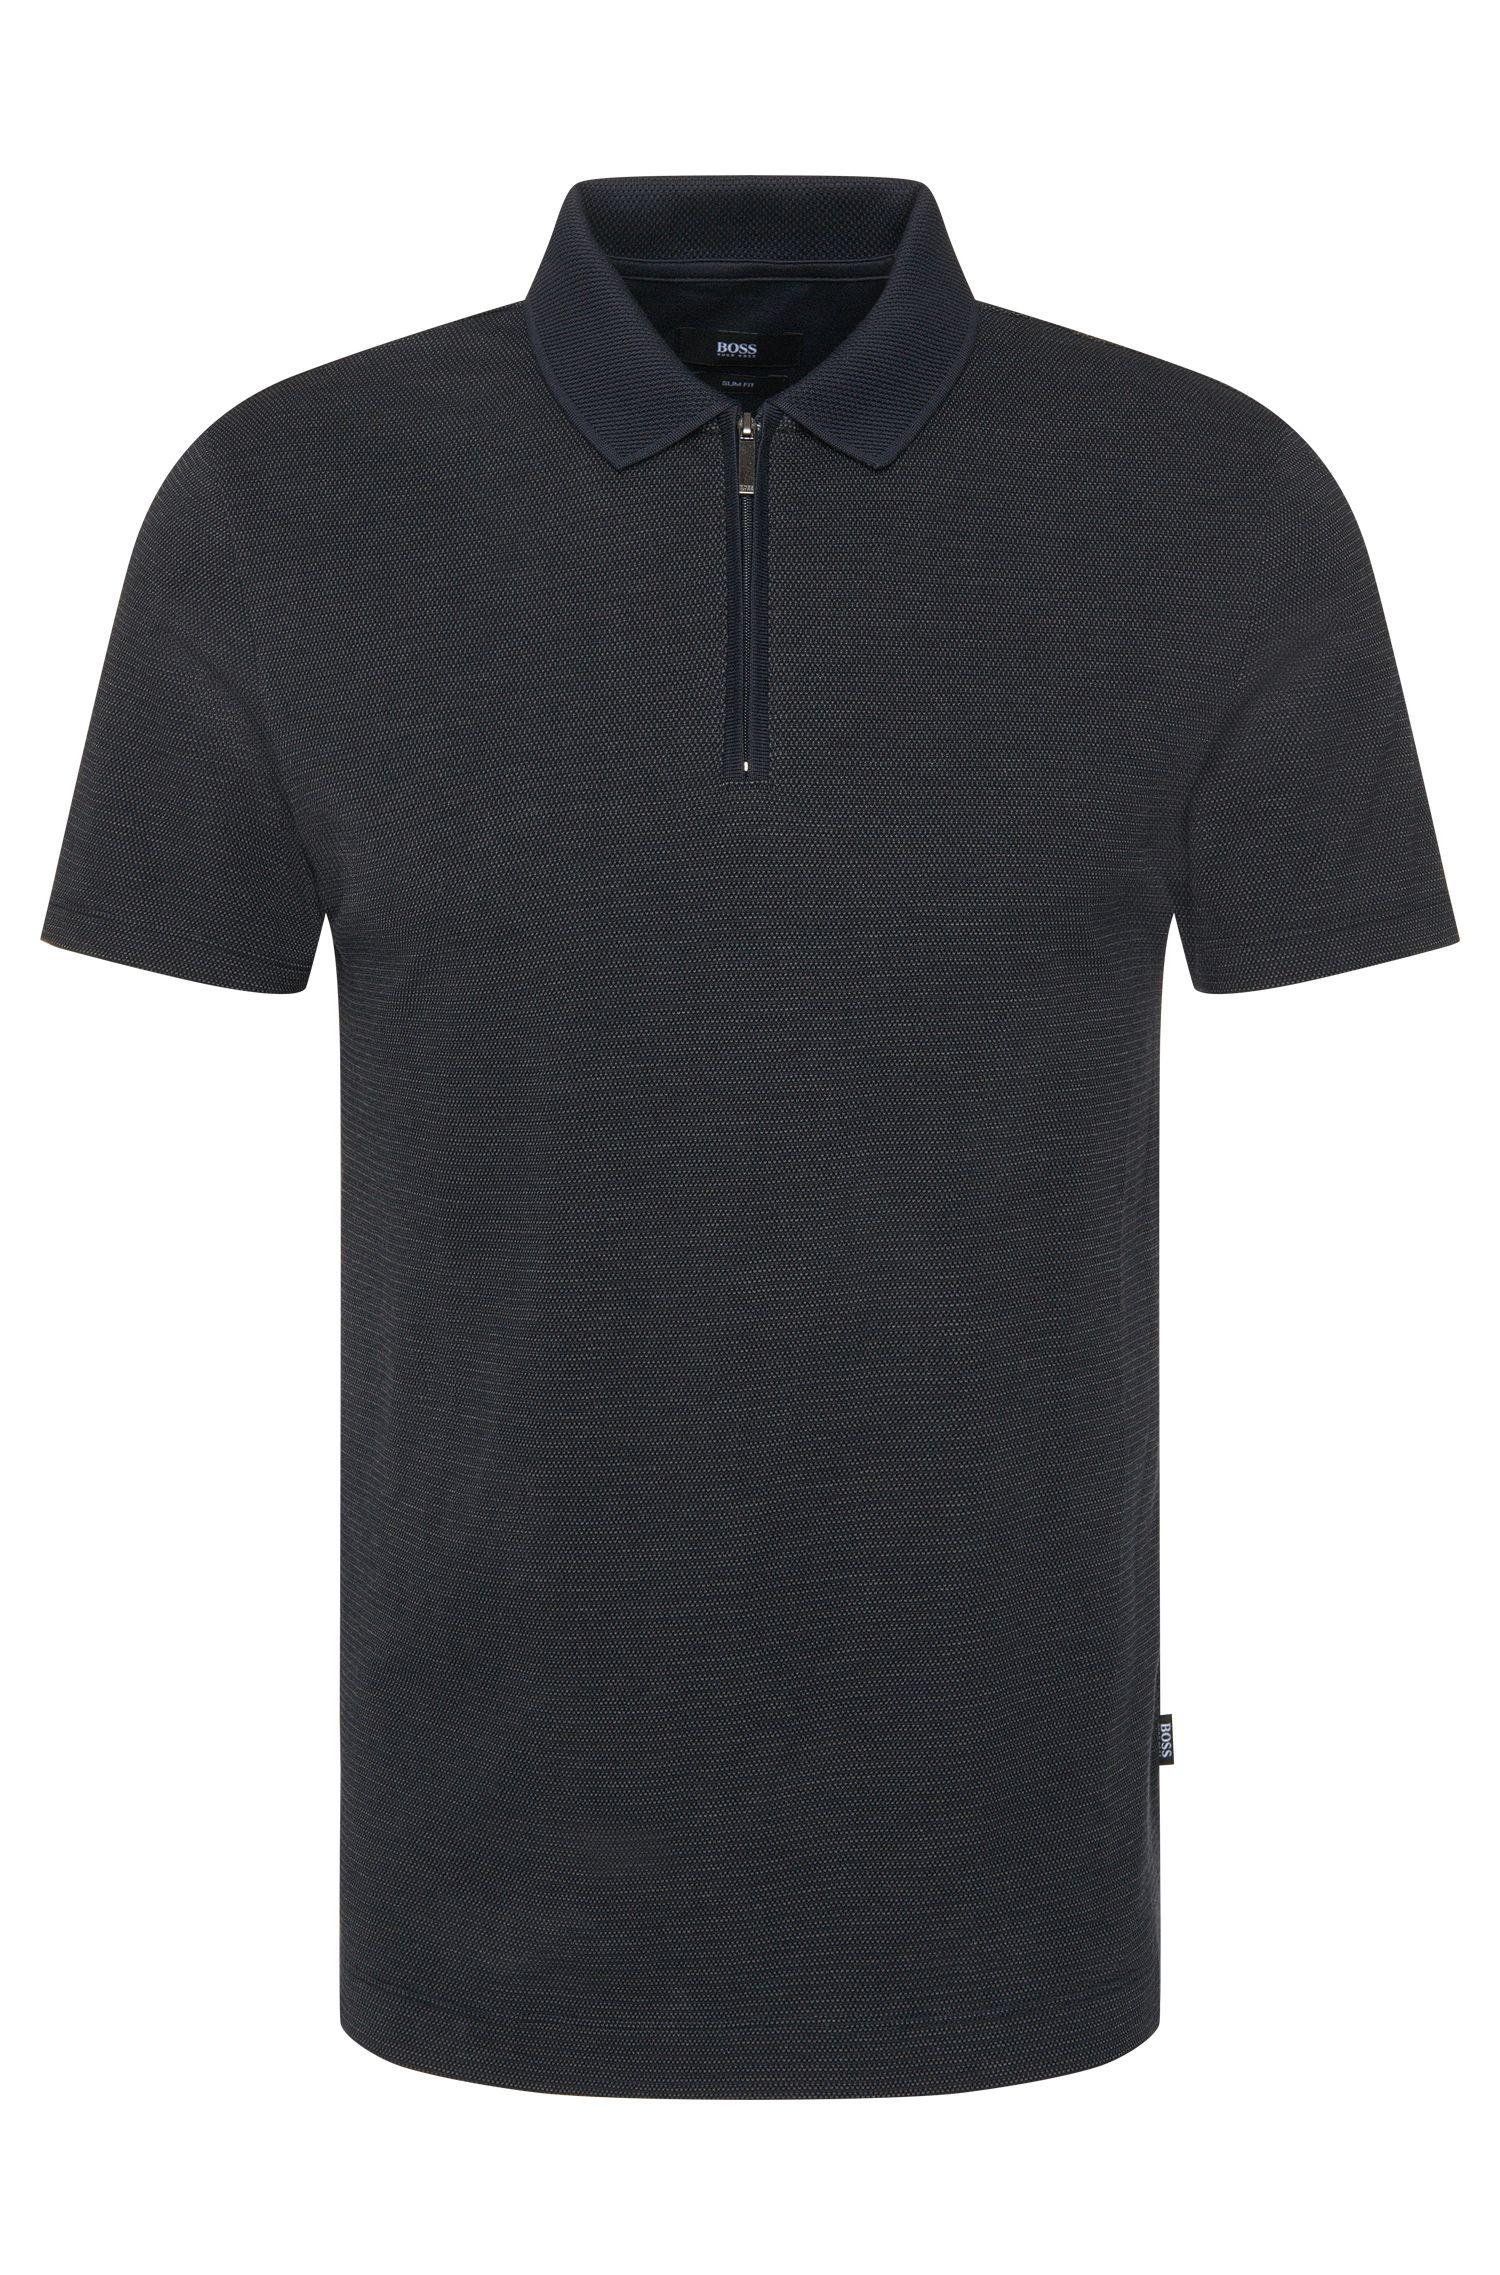 Slim-Fit Poloshirt aus Baumwolle mit Reißverschluss-Leiste: 'Polston2'